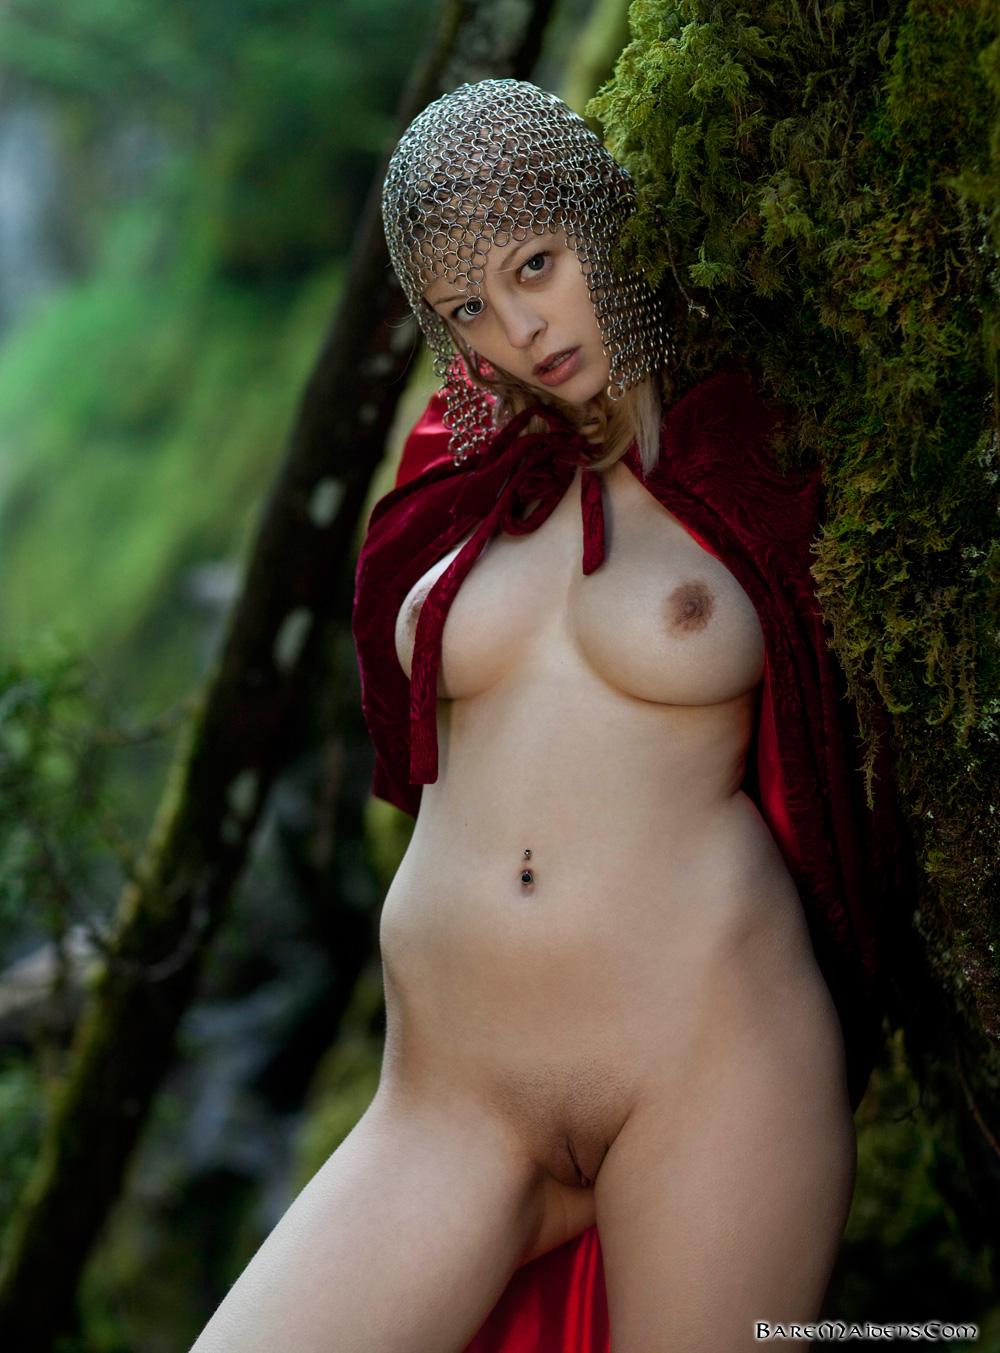 nude fantasy girl warrior